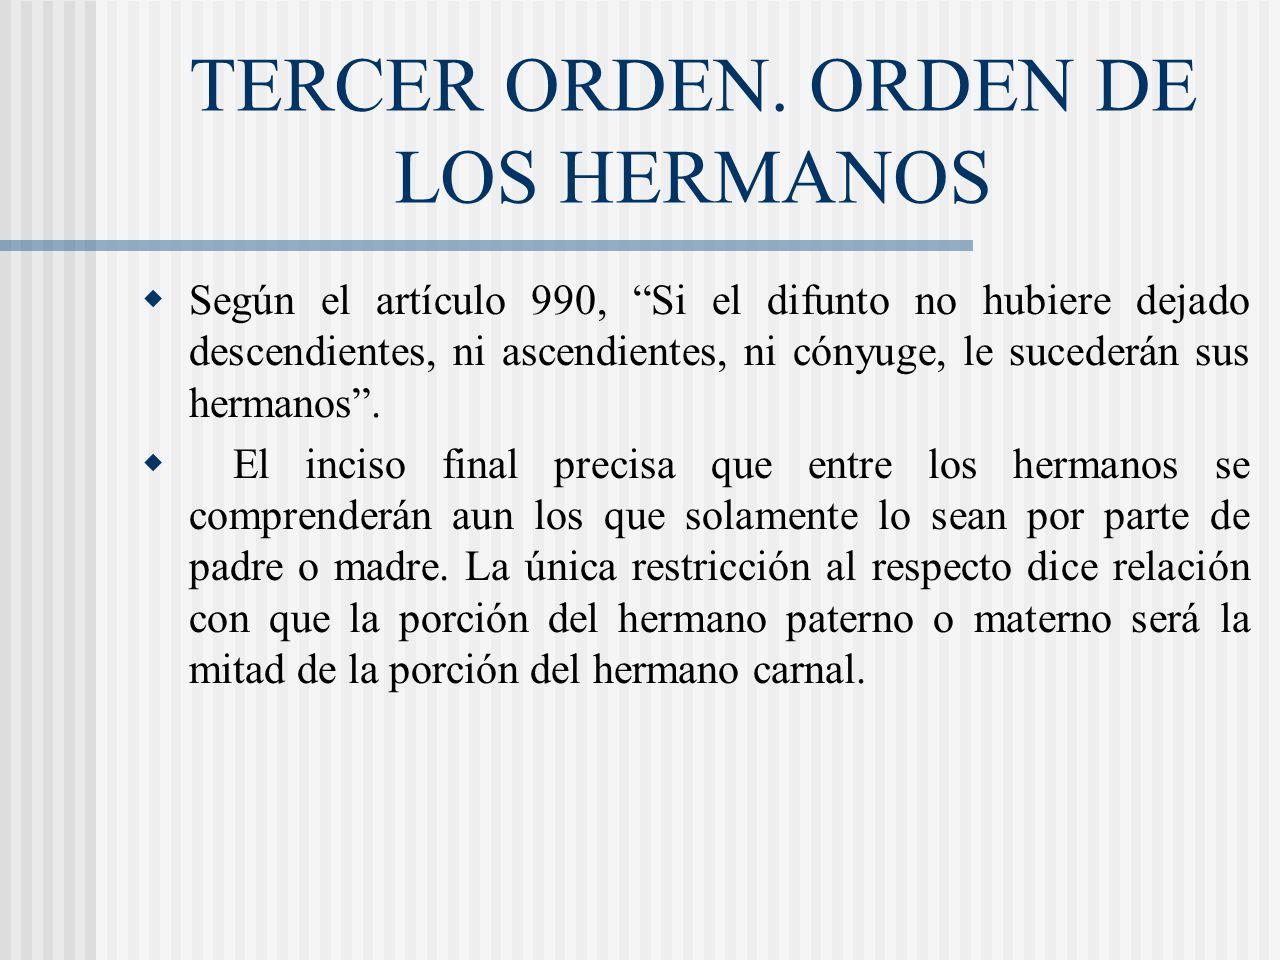 TERCER ORDEN. ORDEN DE LOS HERMANOS